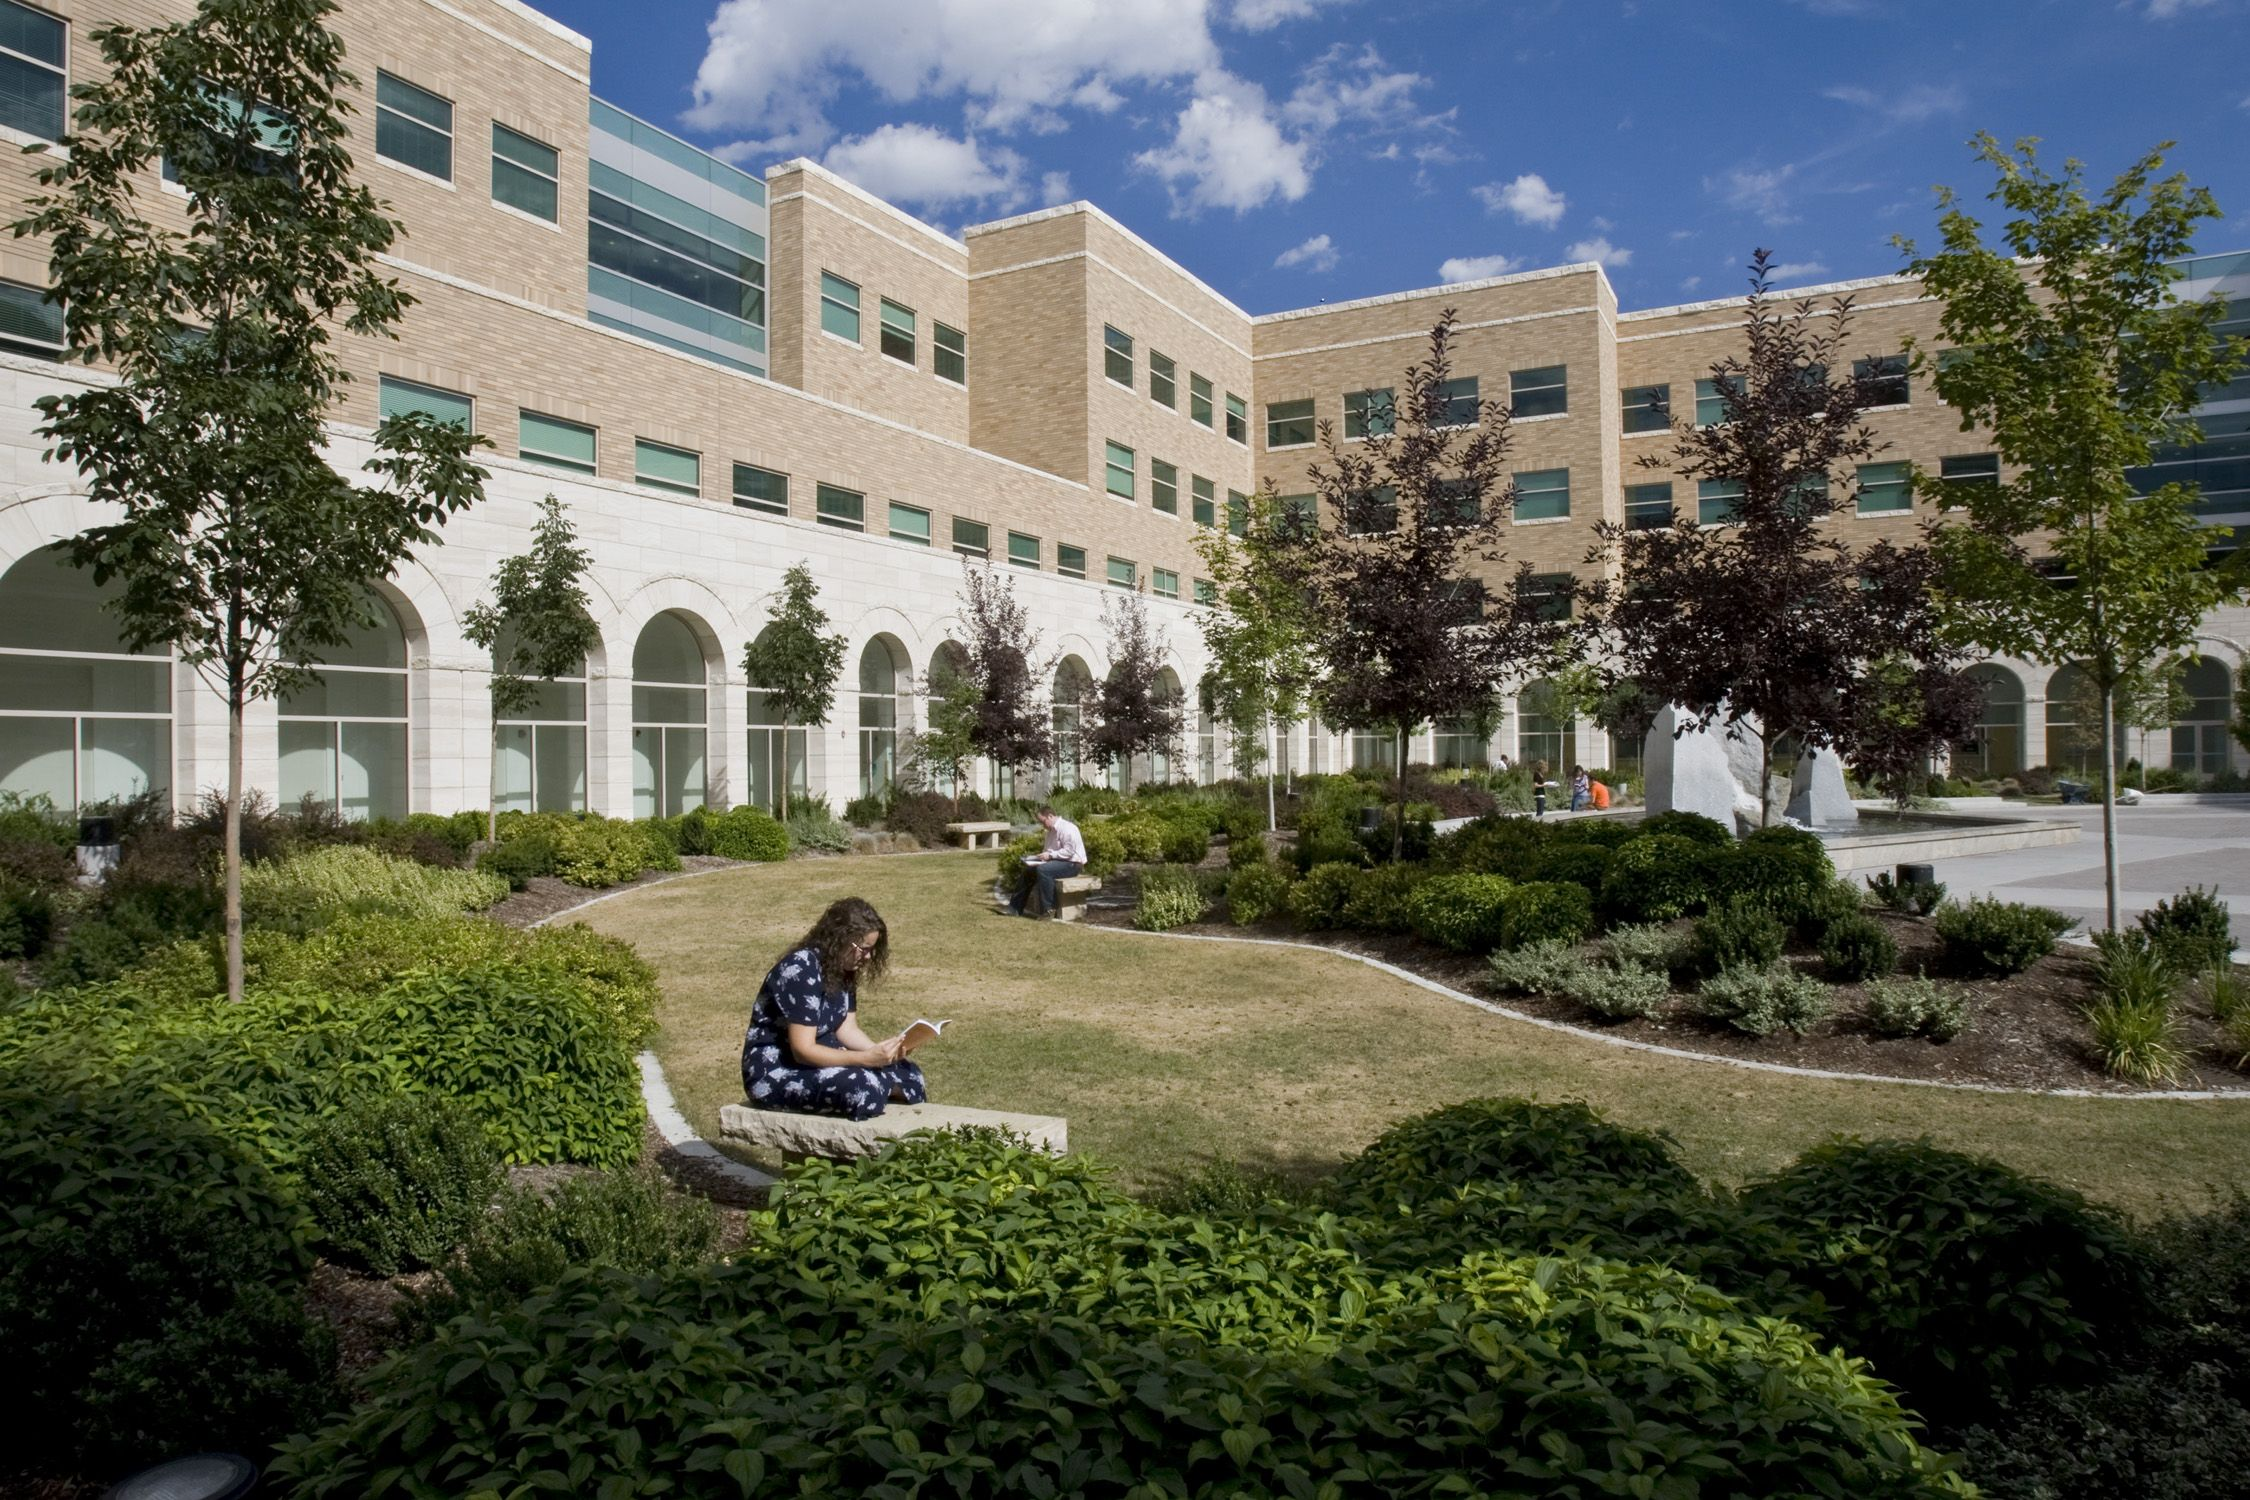 Jfsb Courtyard College Campus Mansions Campus